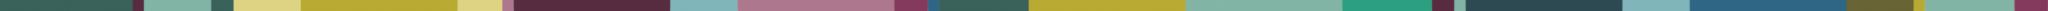 color-line-2